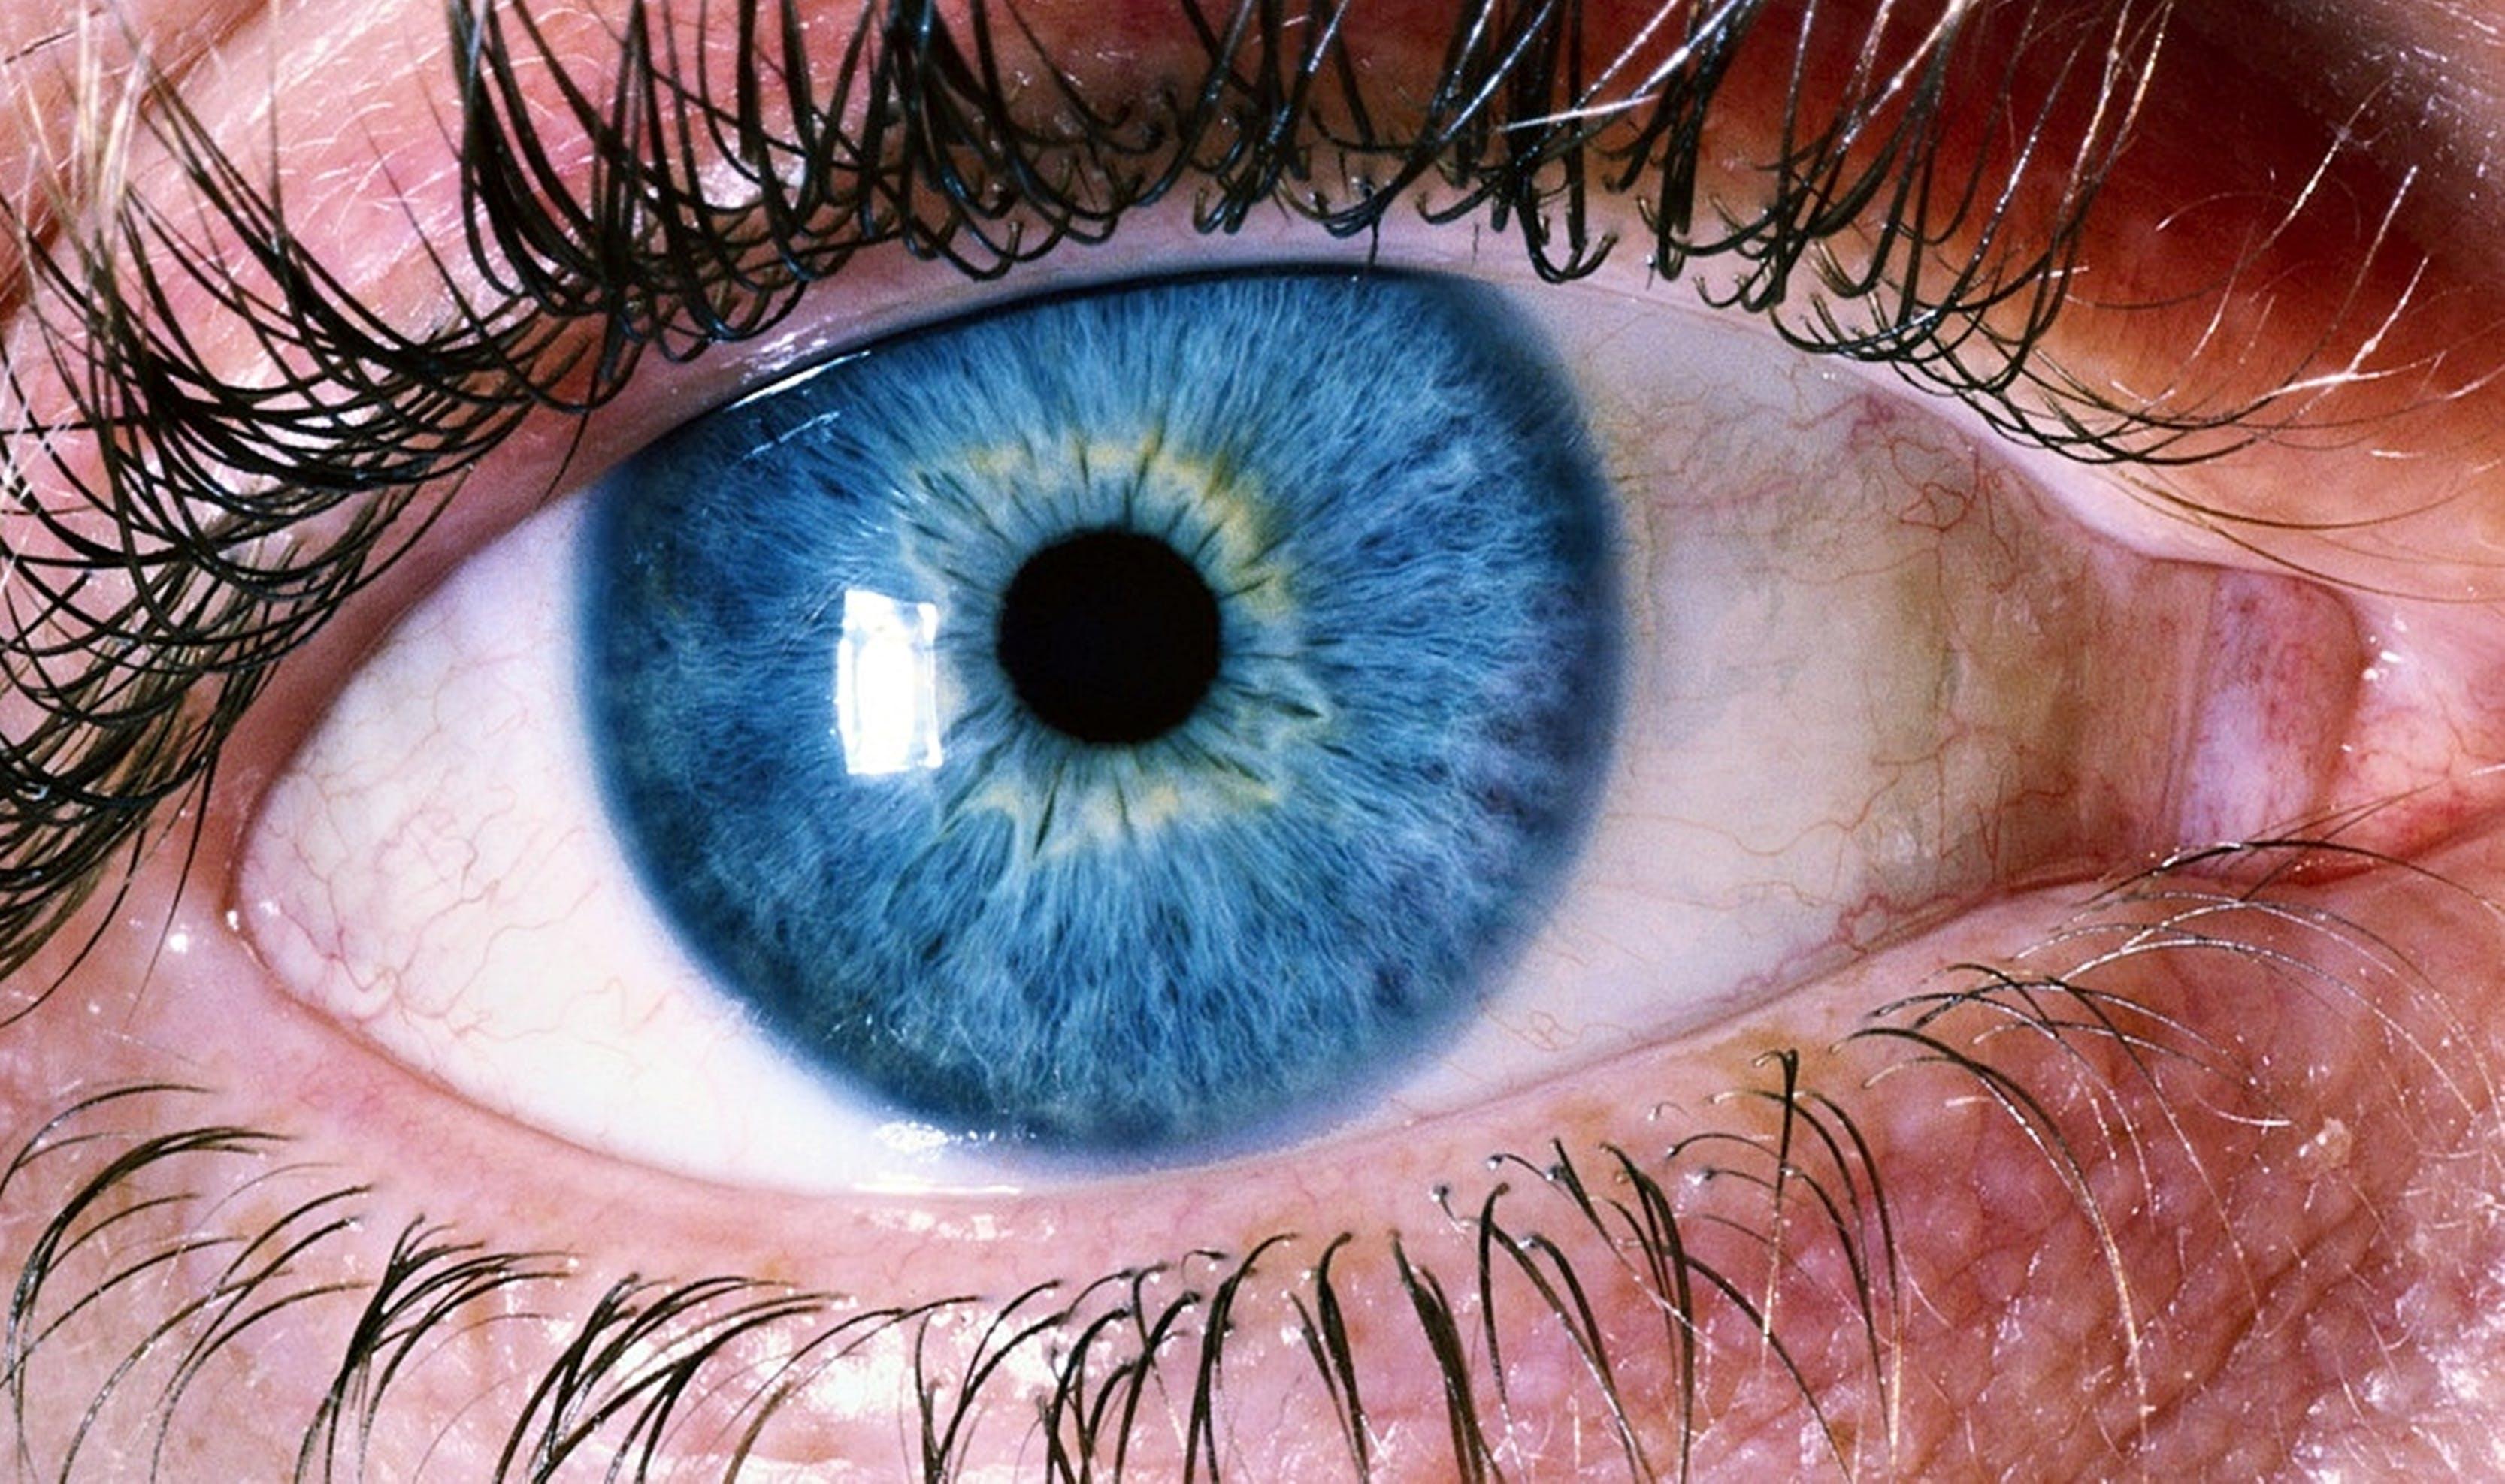 Immagine gratuita di bulbo oculare, ciglia, colori, occhi azzurri